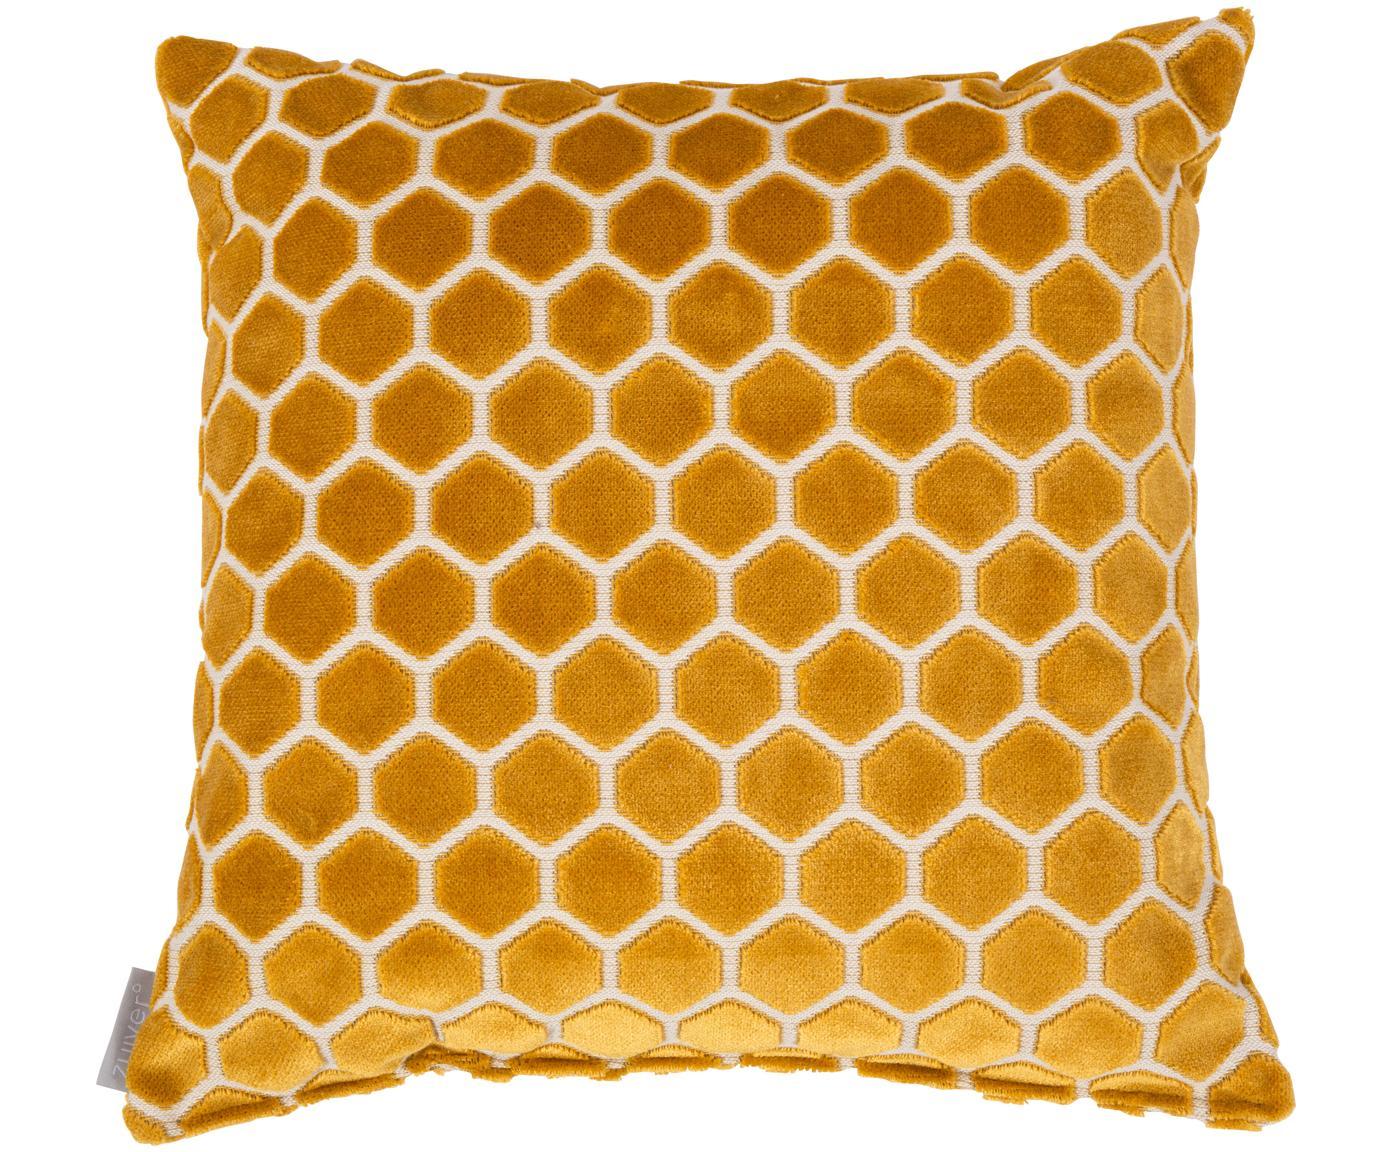 Kissen Monty mit grafischem Strukturmuster, mit Inlett, Bezug: 72% Viskose, 23% Polyeste, Gelb, Weiß, 45 x 45 cm